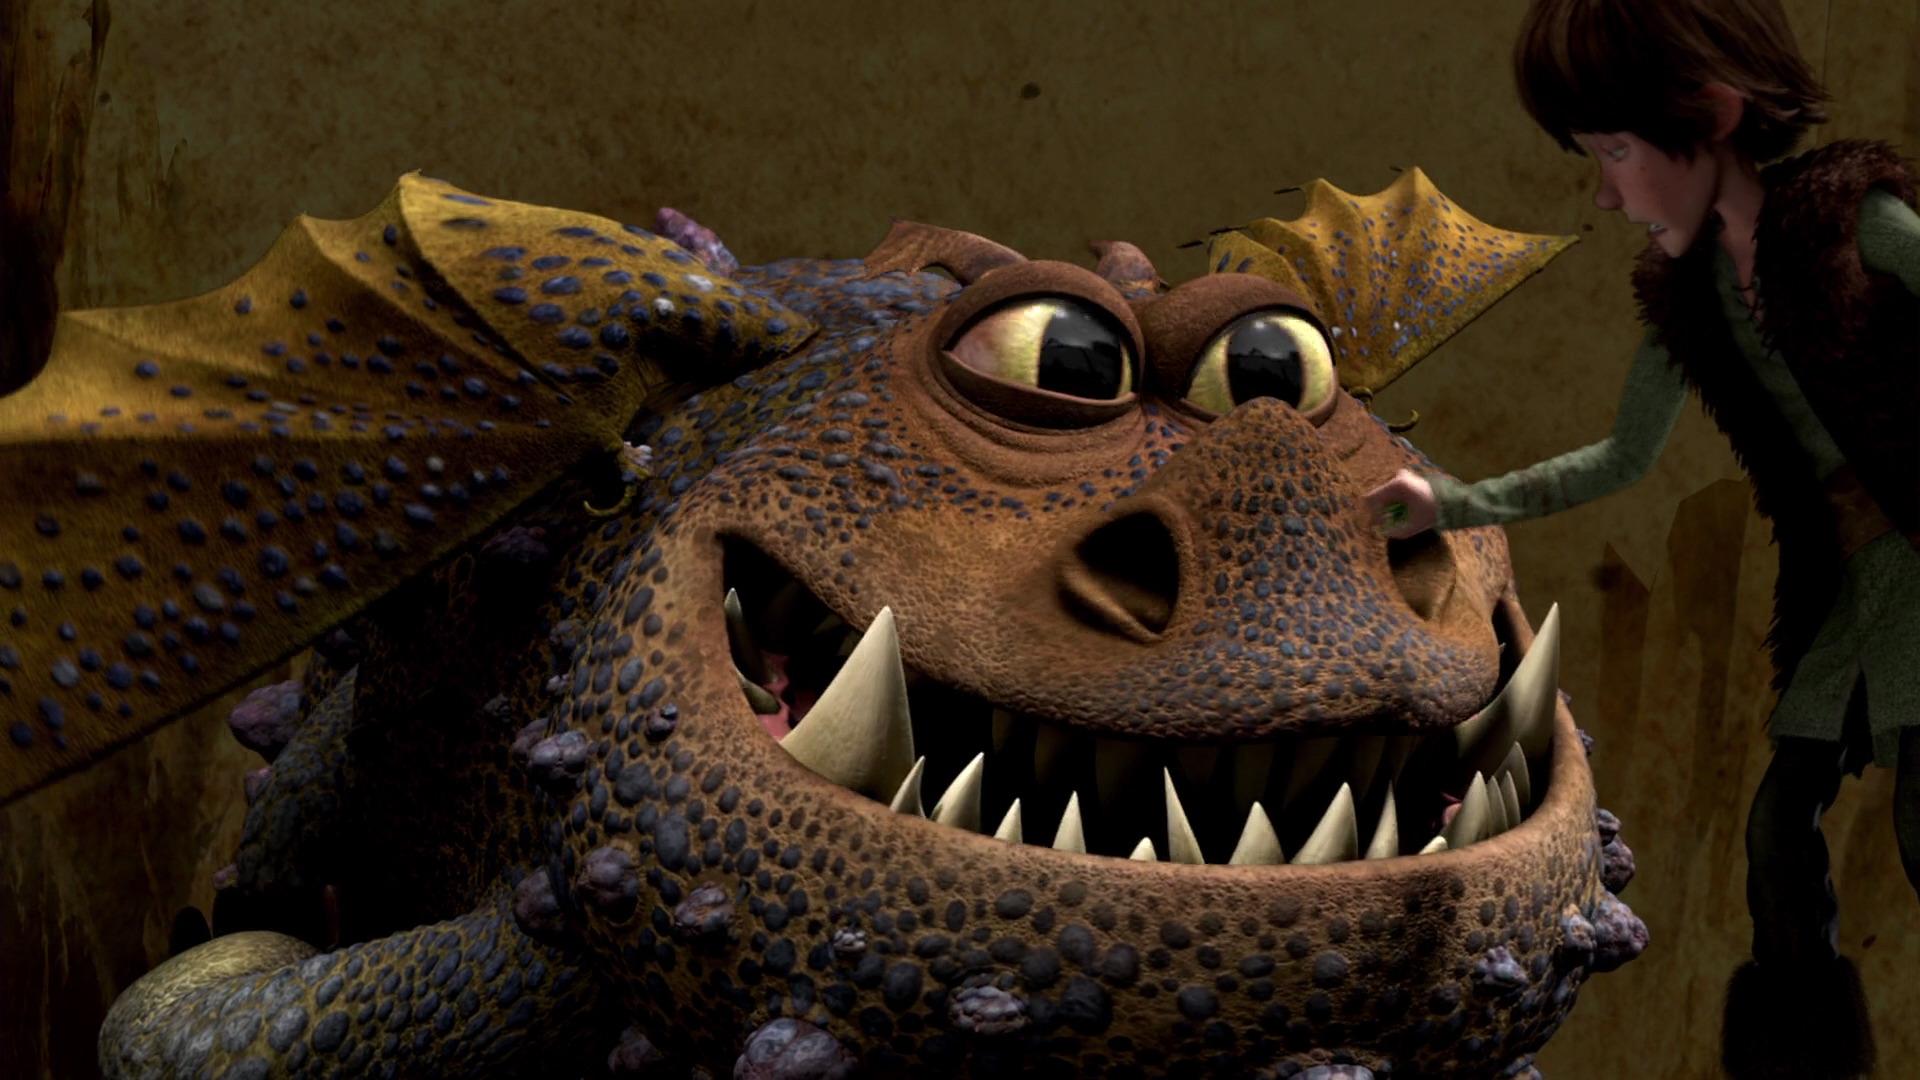 Gronckle :) - Gronckle the Dragon Photo (36747709) - Fanpop